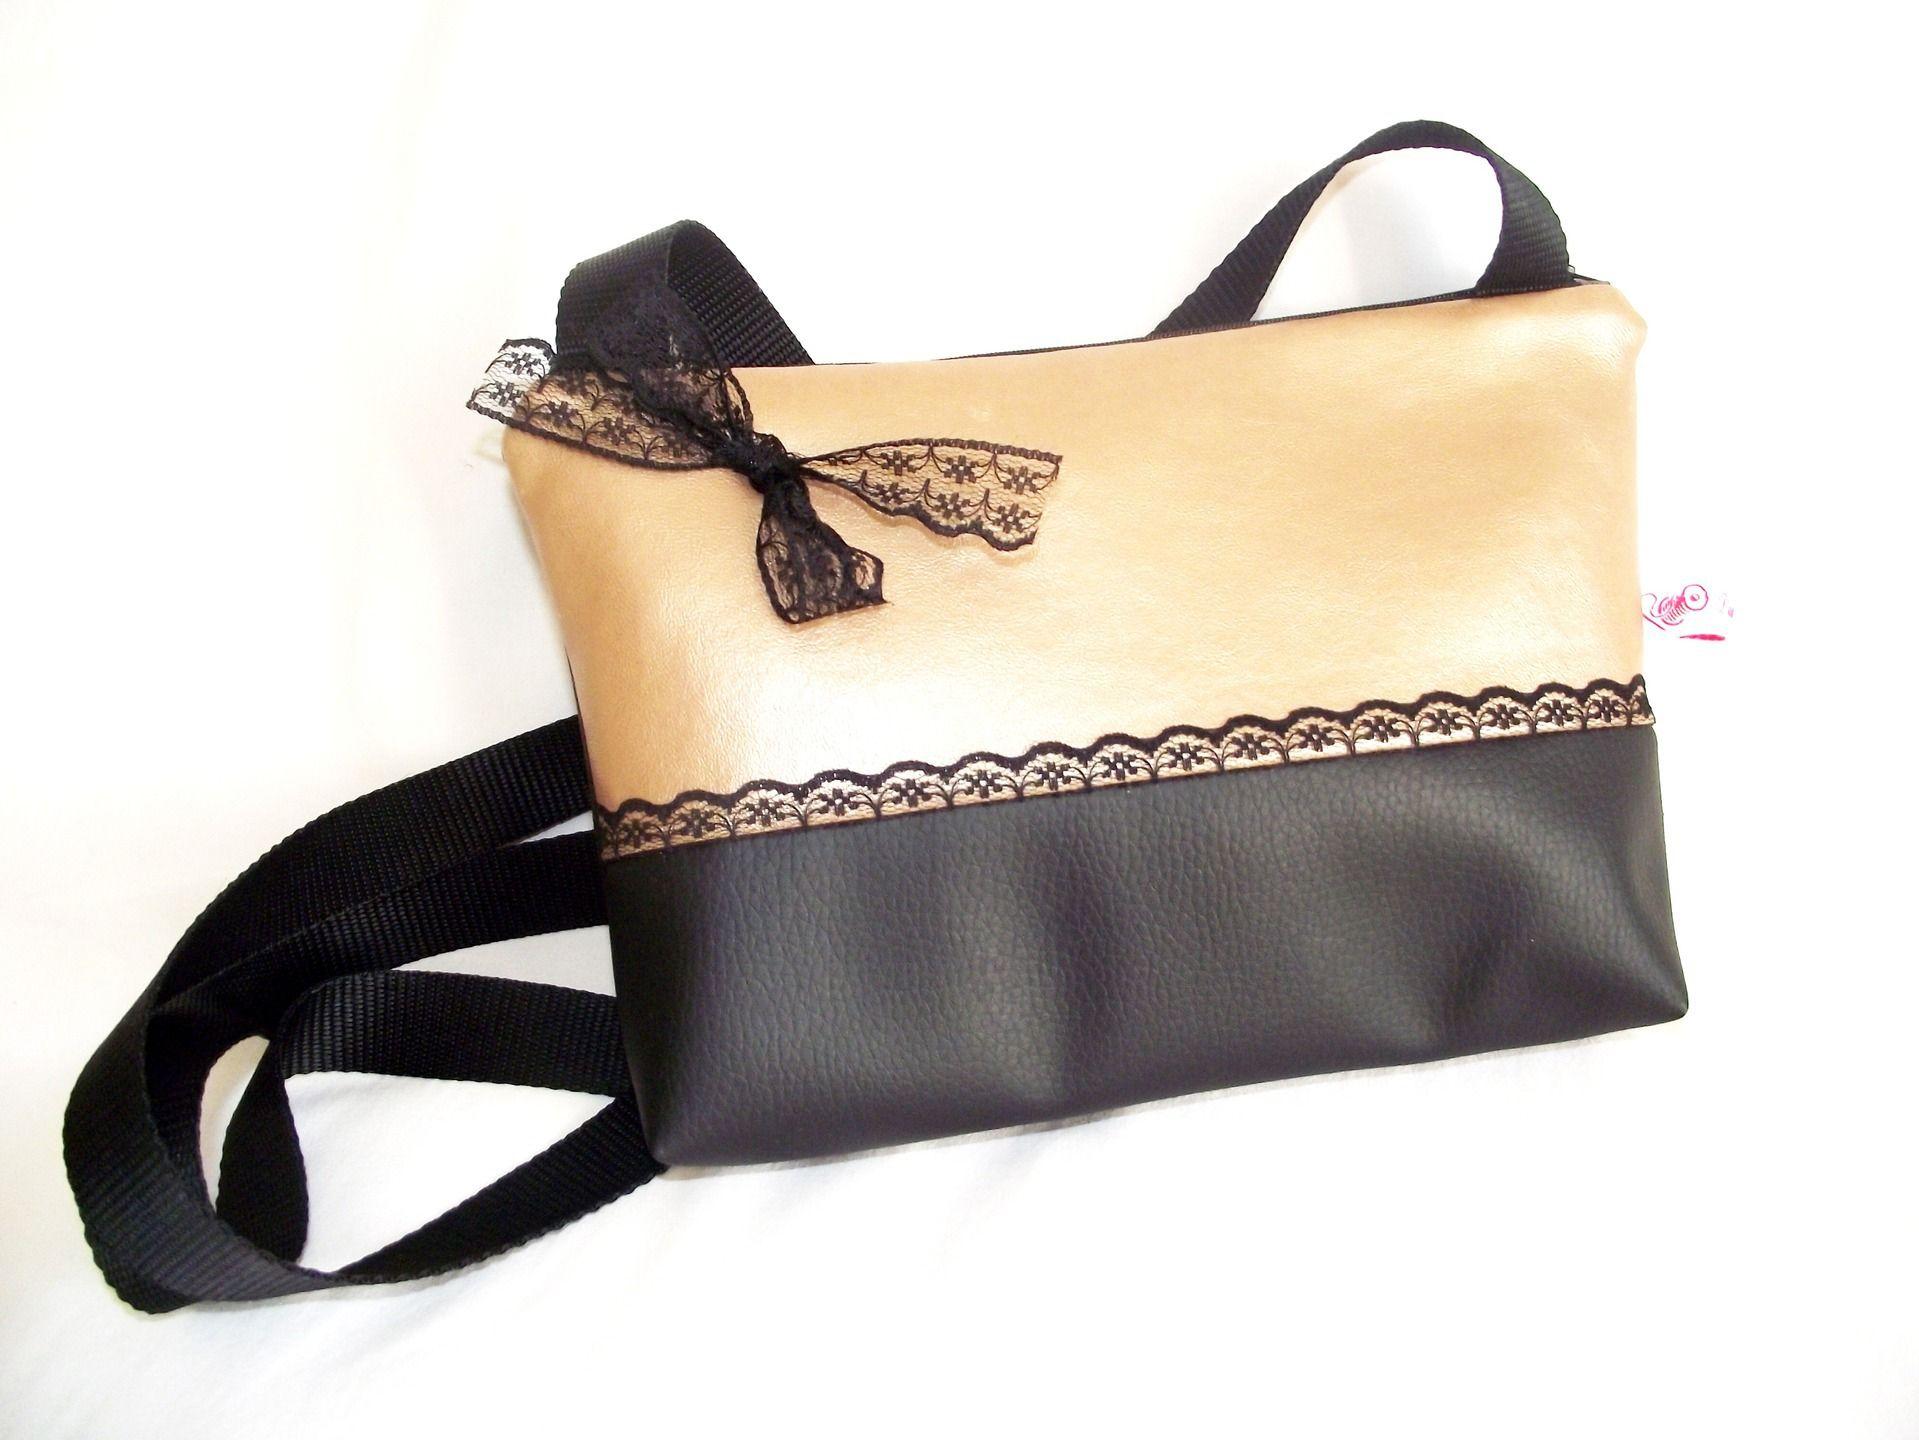 cuir bicolore simili de orné à en main et Sac noir pochette doré X6Ypw